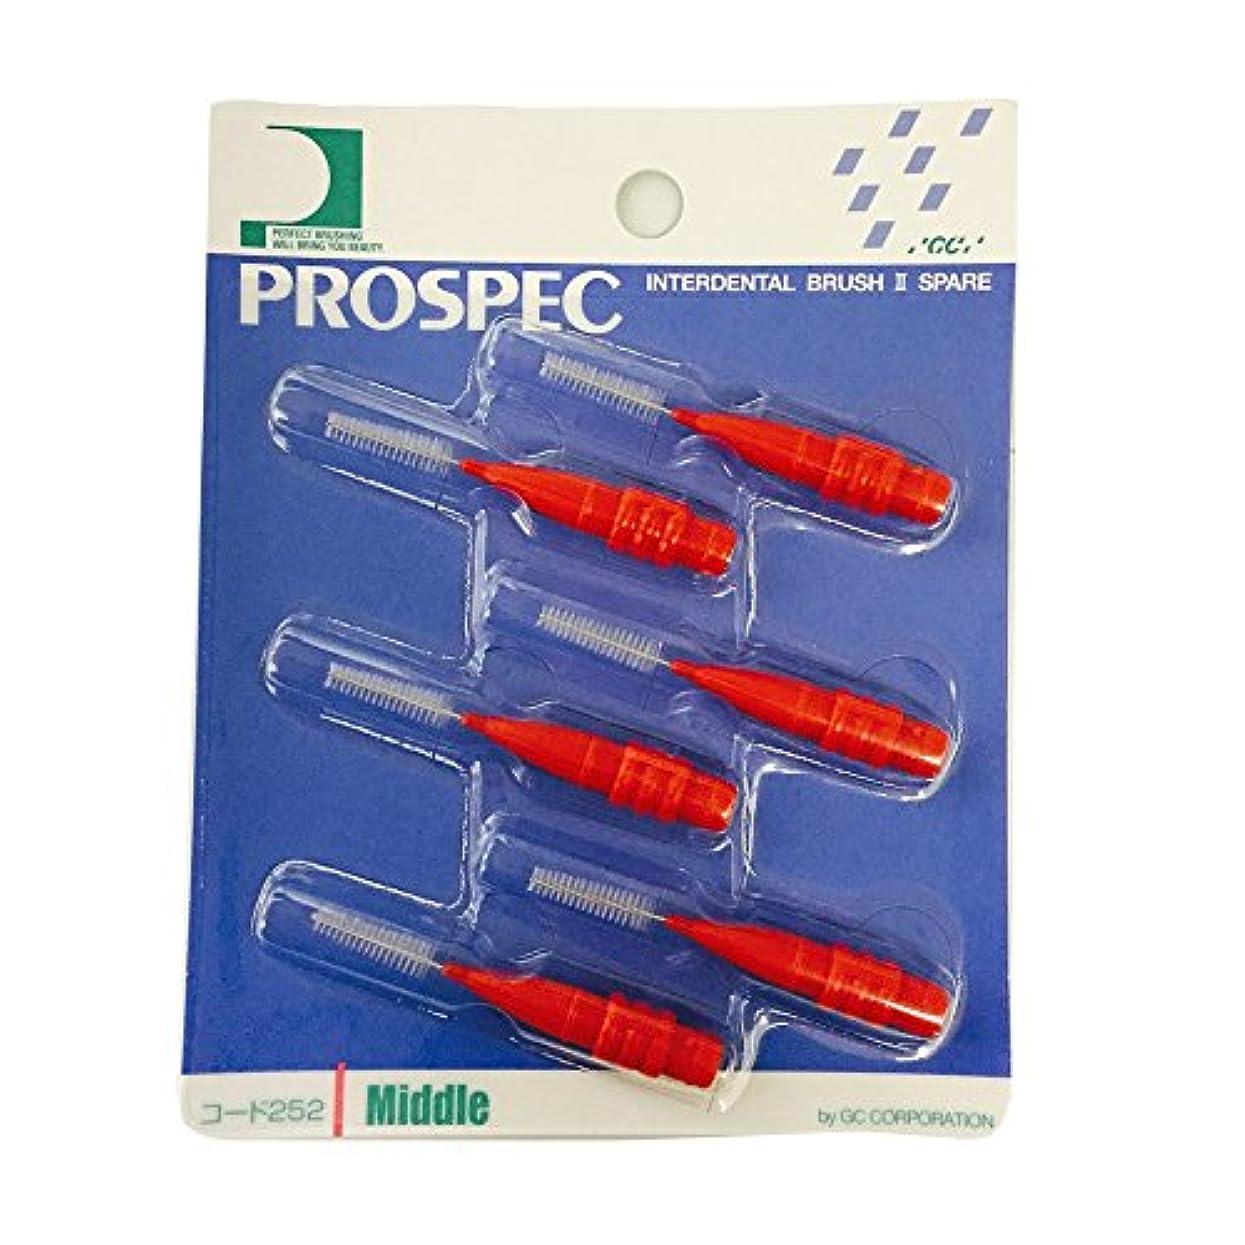 持続的困惑した配列GC(ジーシー) プロスペック歯間ブラシII スペアー M 6本入